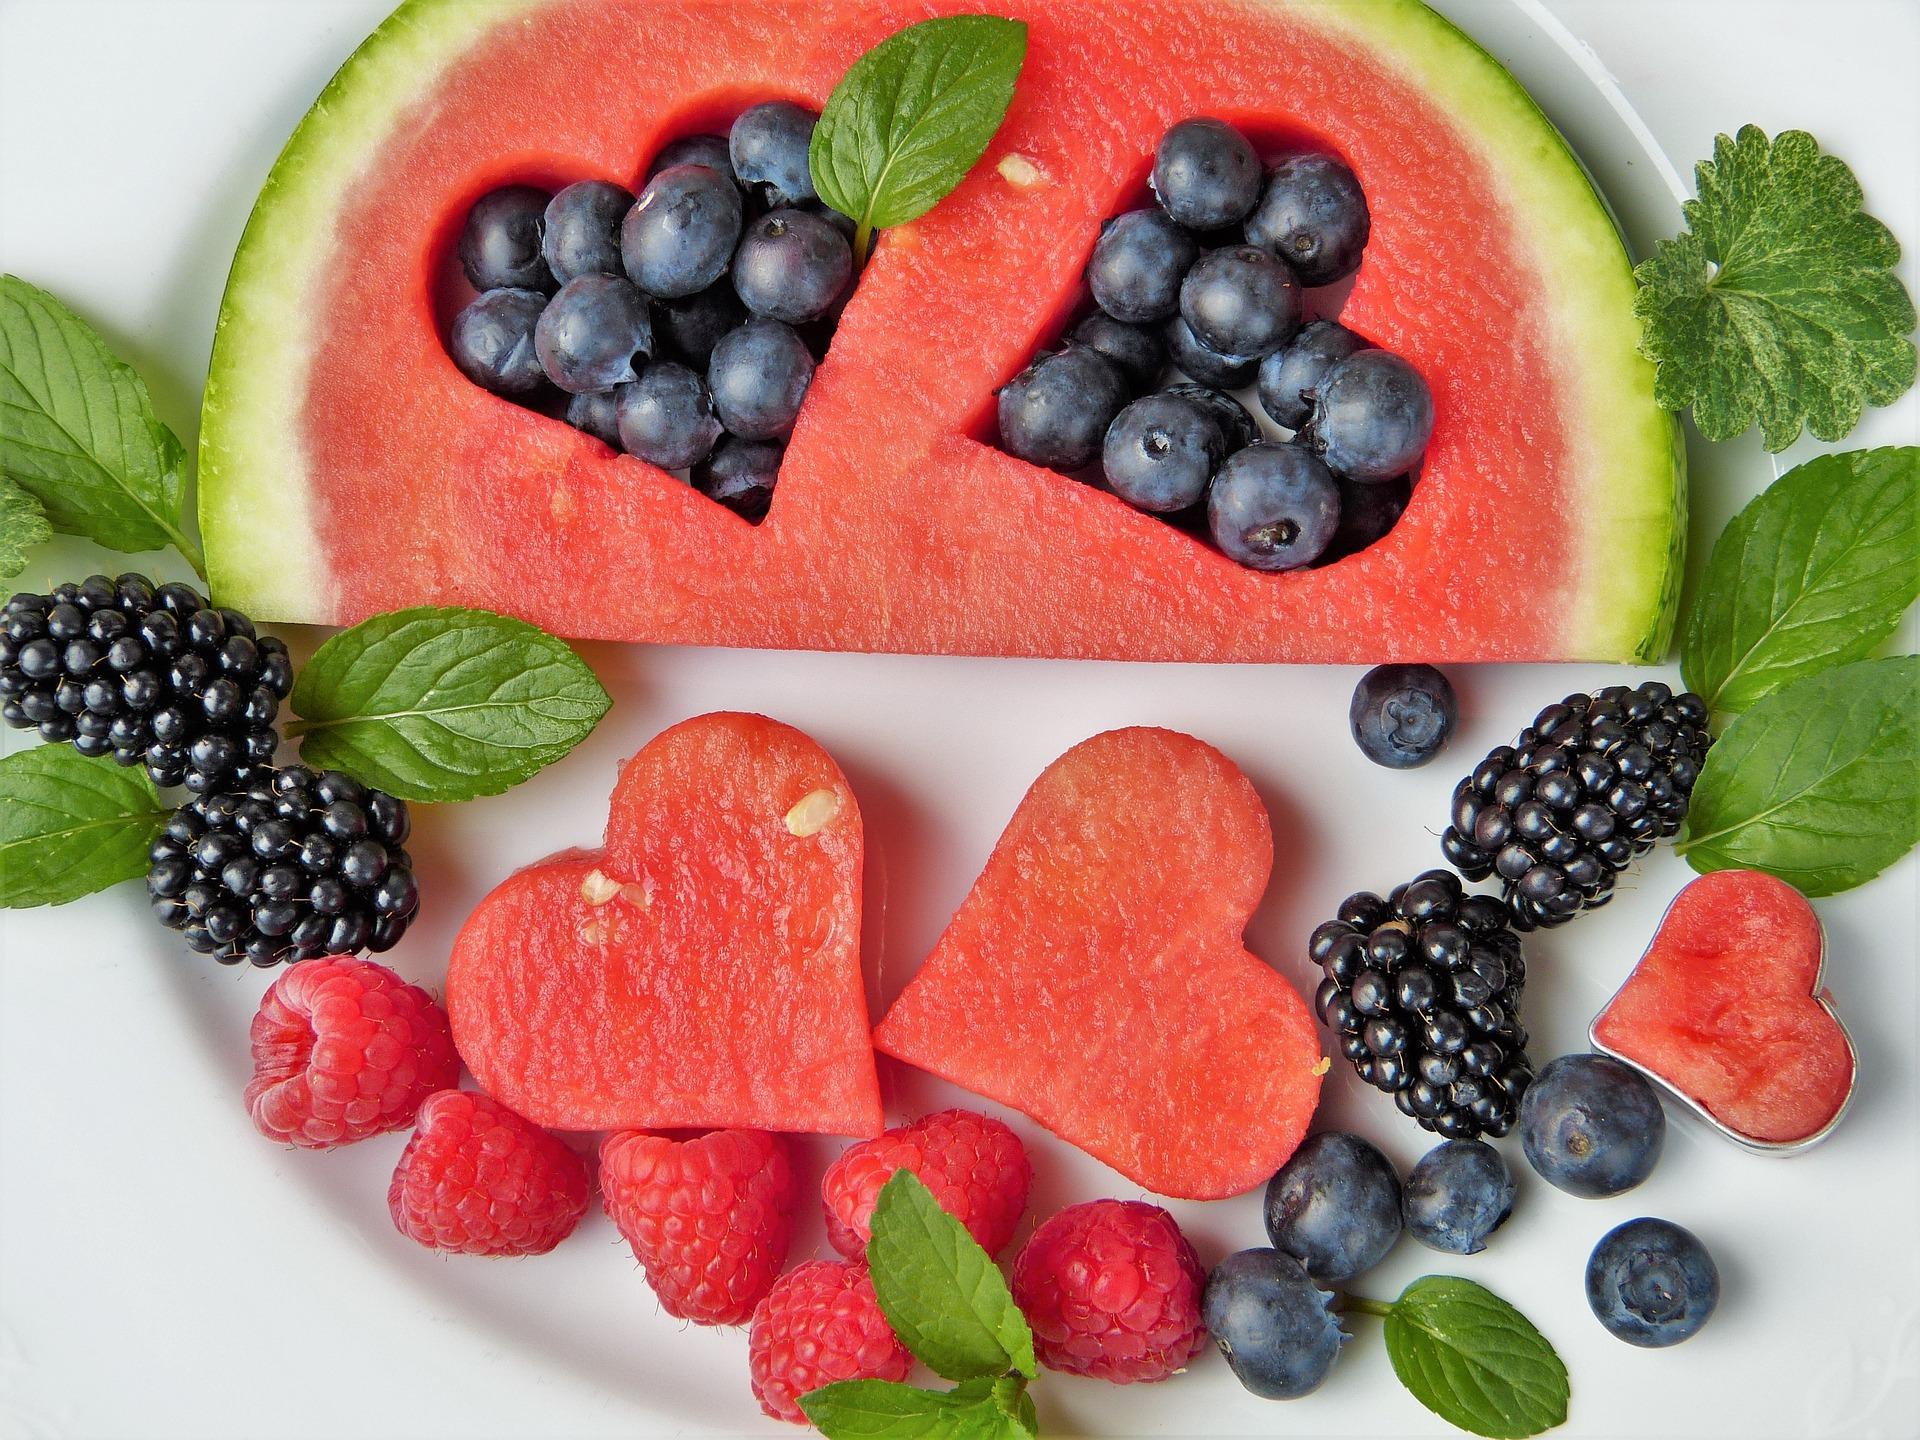 antiaging_foods